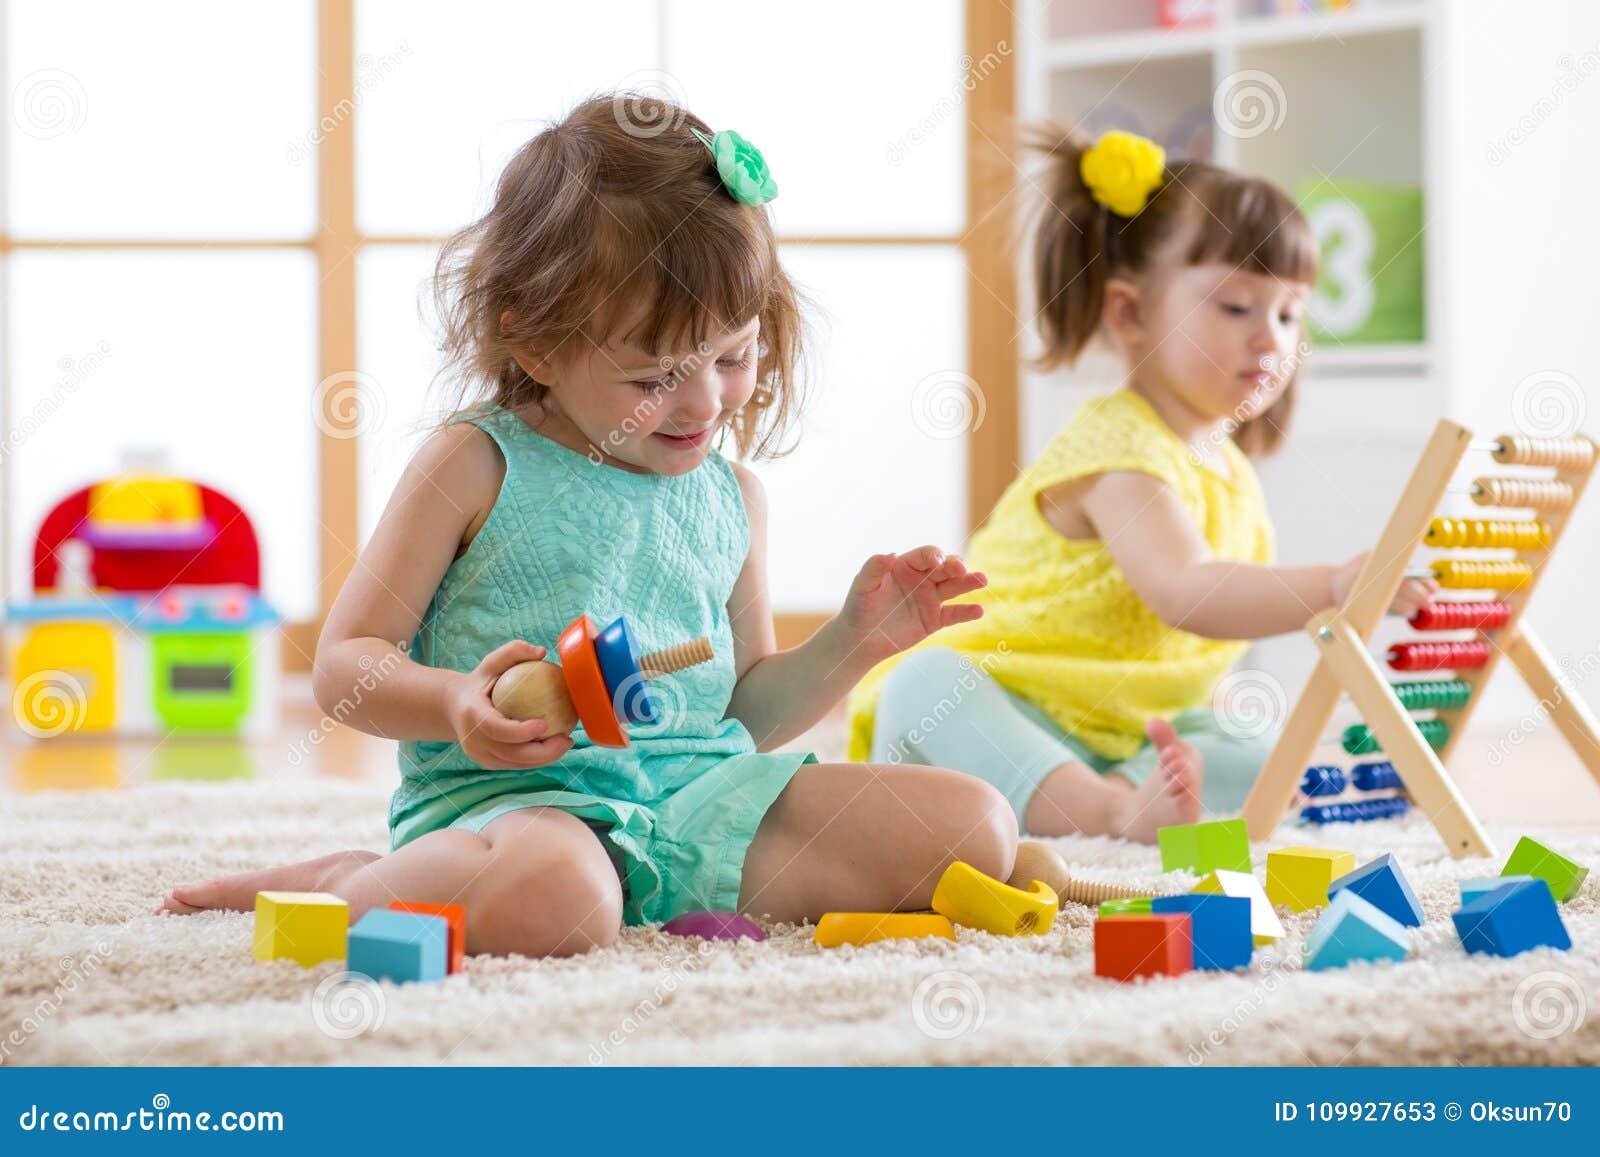 Kinder engagieren sich im Kindertagesstätte Zwei Kleinkindkinder, die mit pädagogischen Spielwaren im Kindergarten spielen